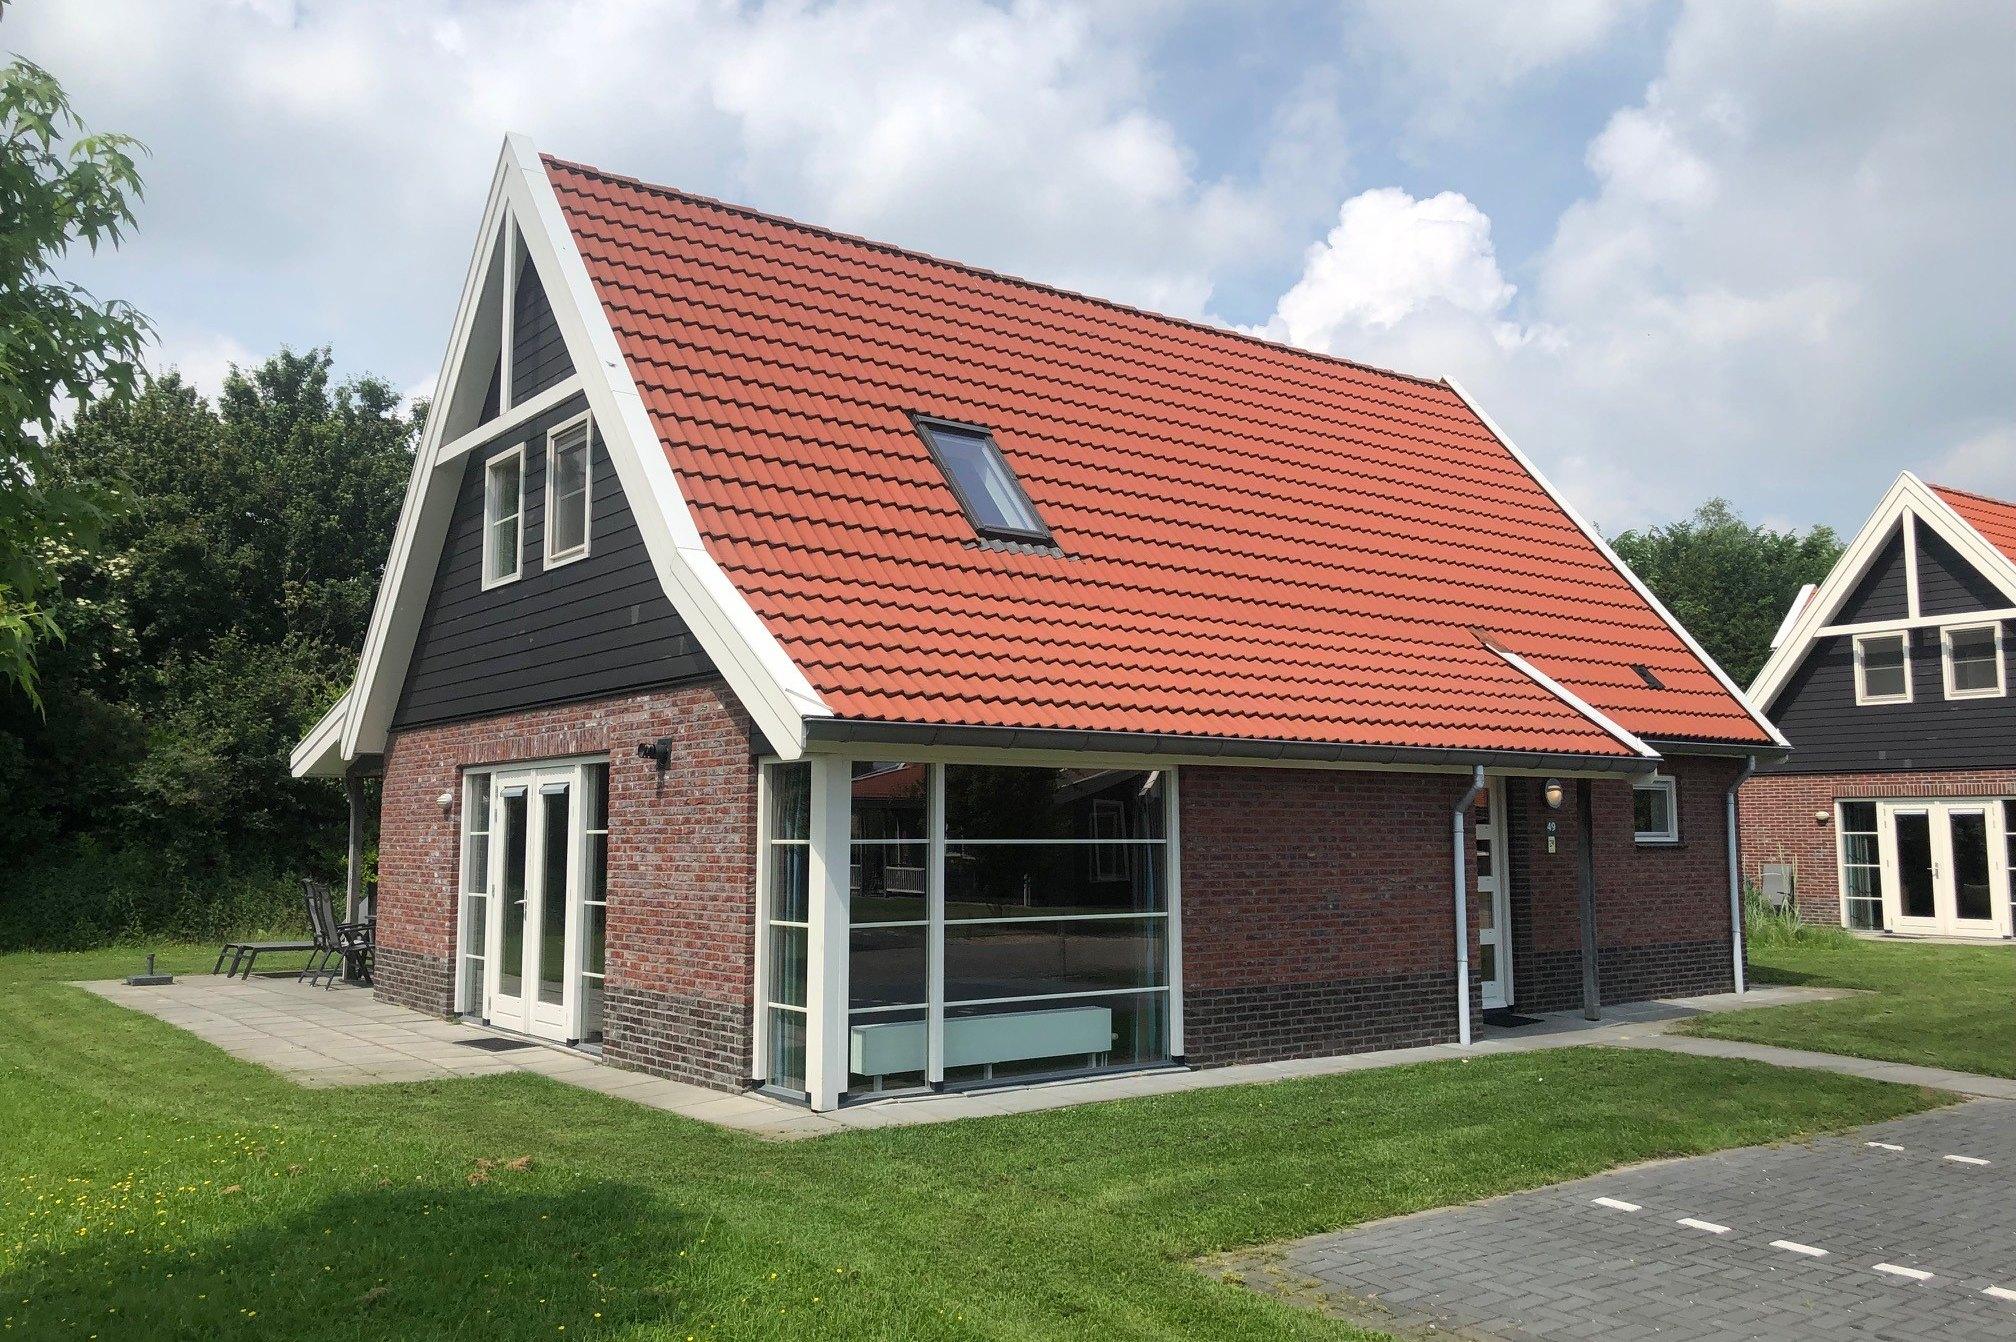 1.1.Vakantiehuis 1049 Waterparc Veluwemeer 10-pers. Luxe Website